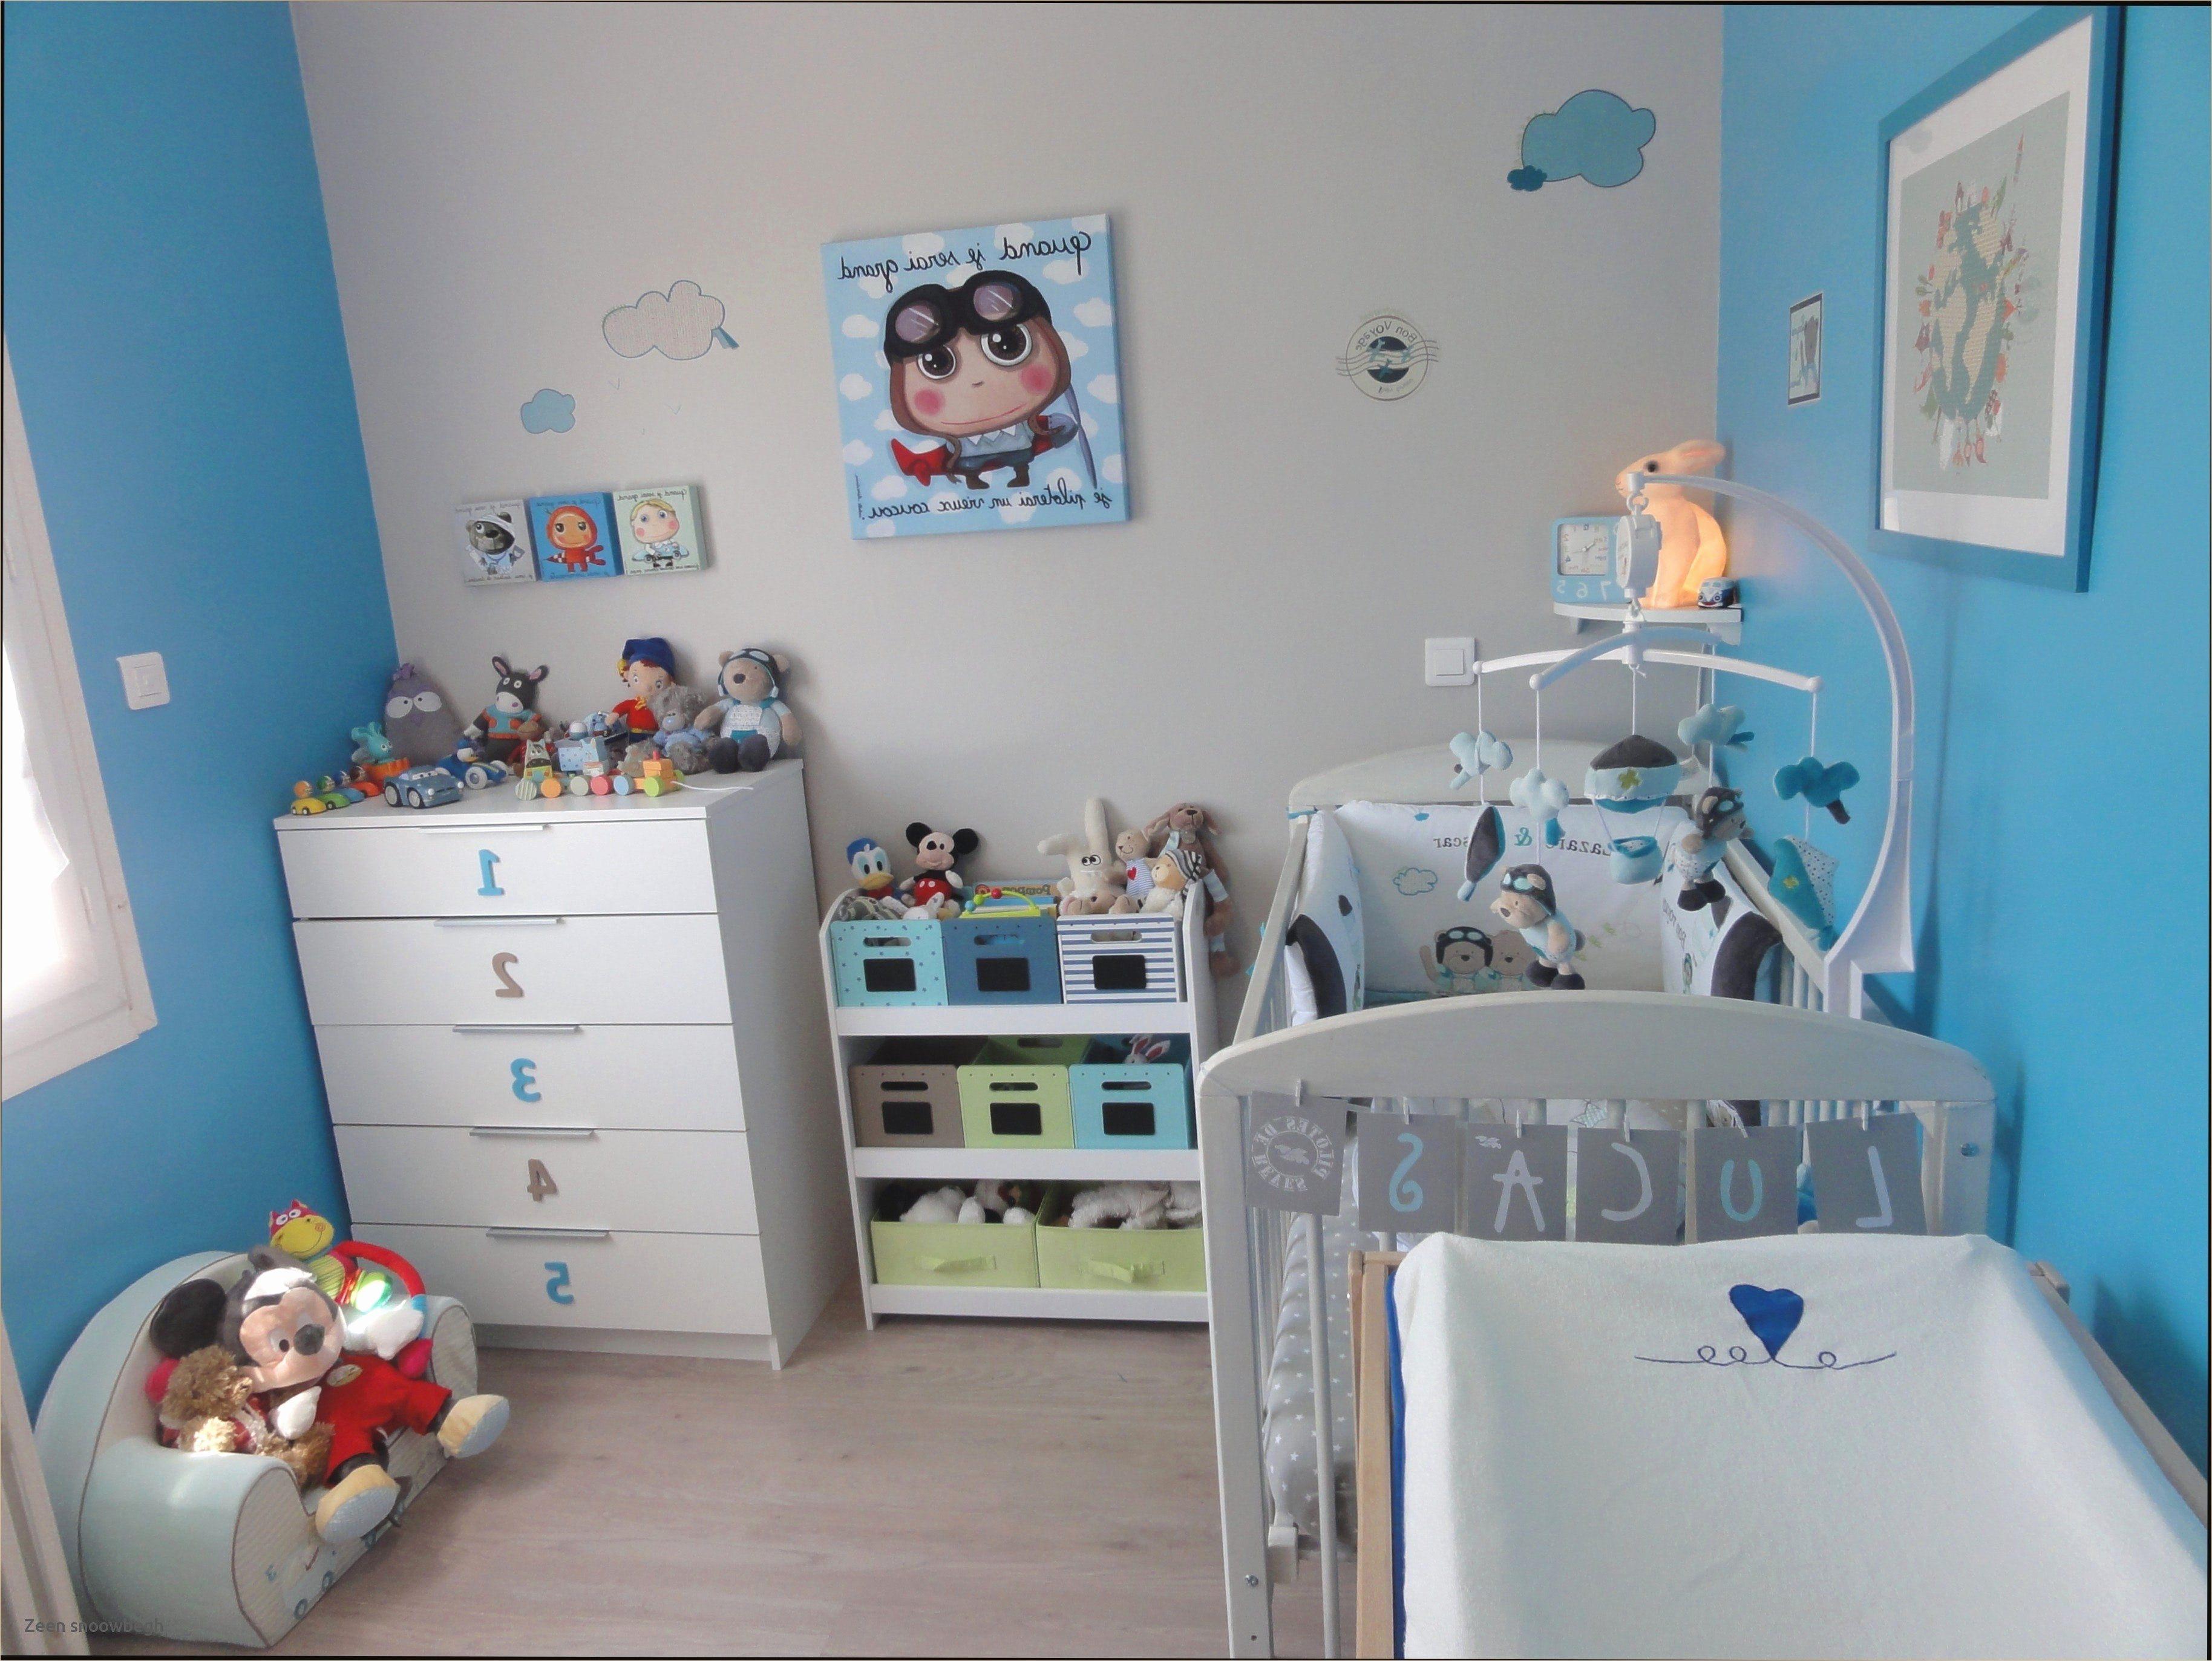 Lit Superposé Carrefour Belle 51 élégant De Lit Bébé Pliant Carrefour